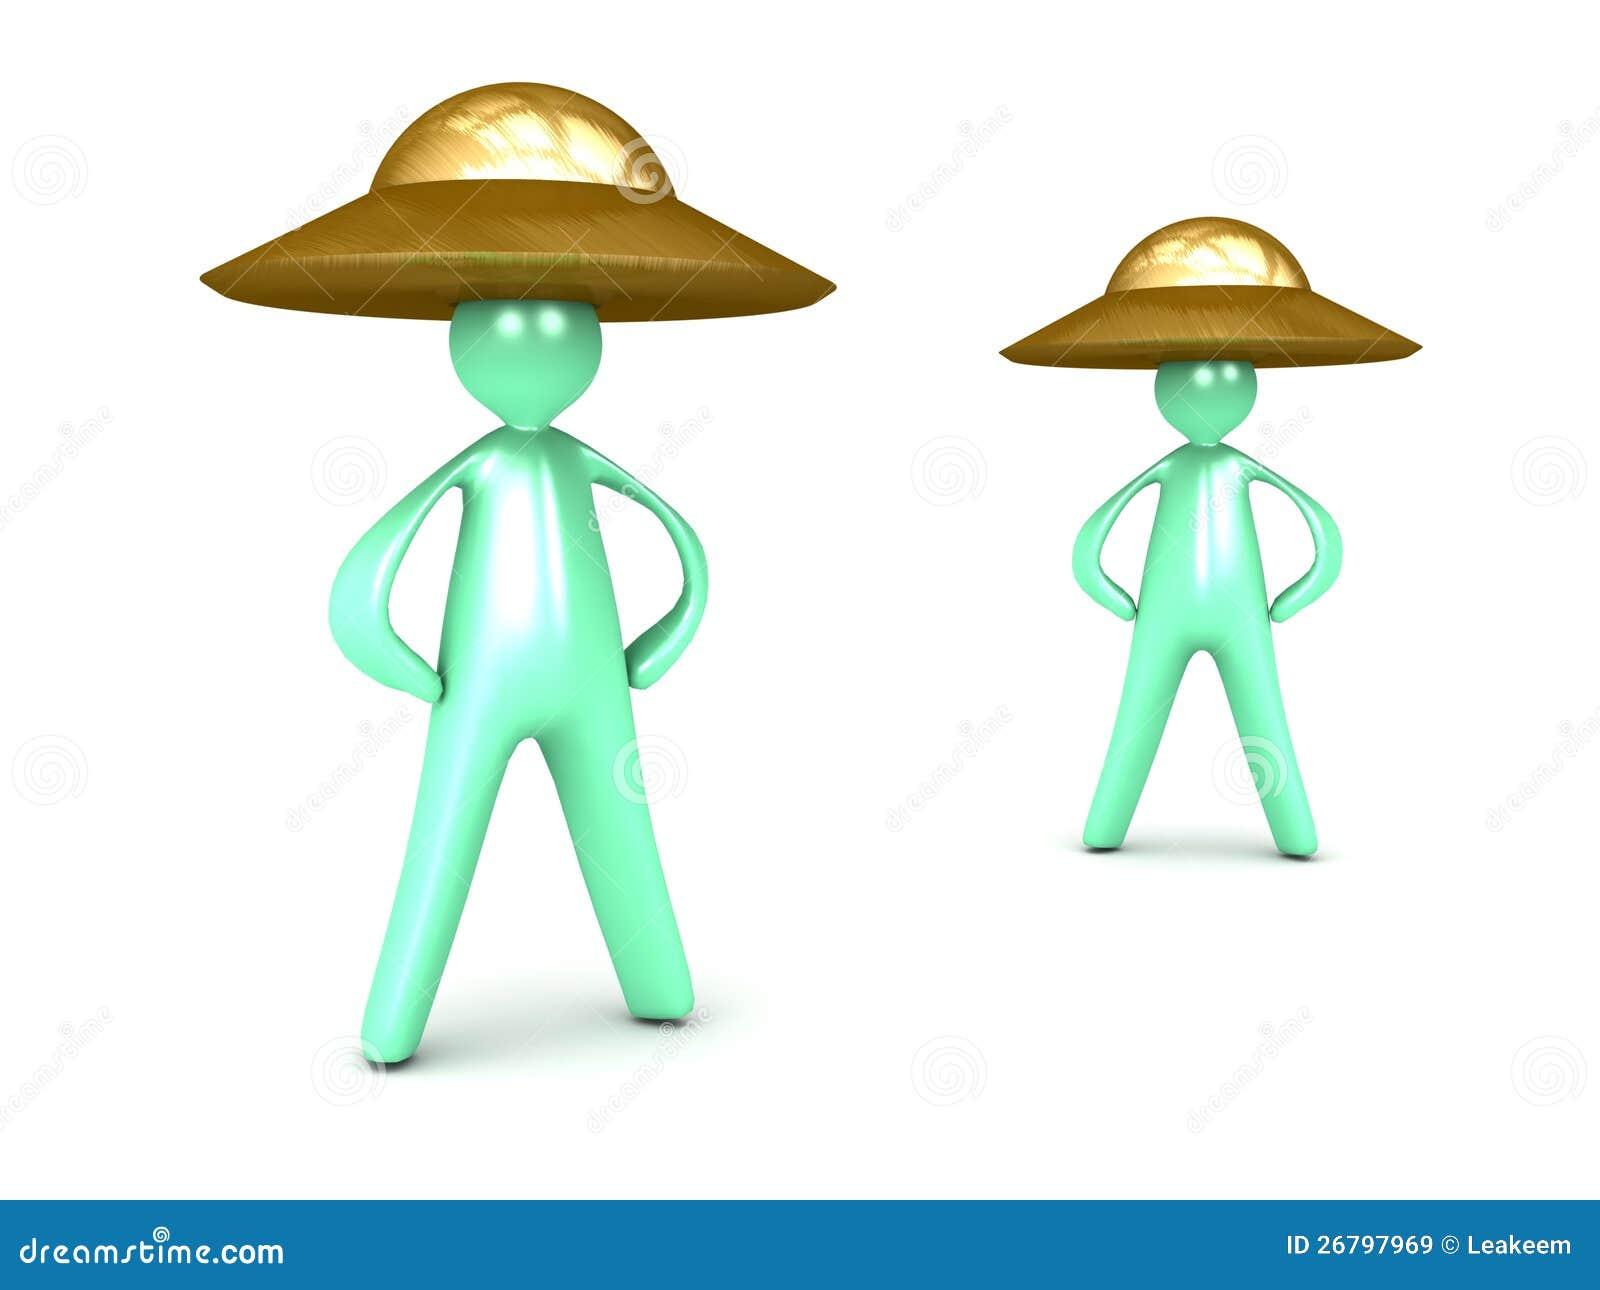 Cartoon Men Wearing Ufo Hats Costume Stock Illustration Illustration Of Halloween Head 26797969